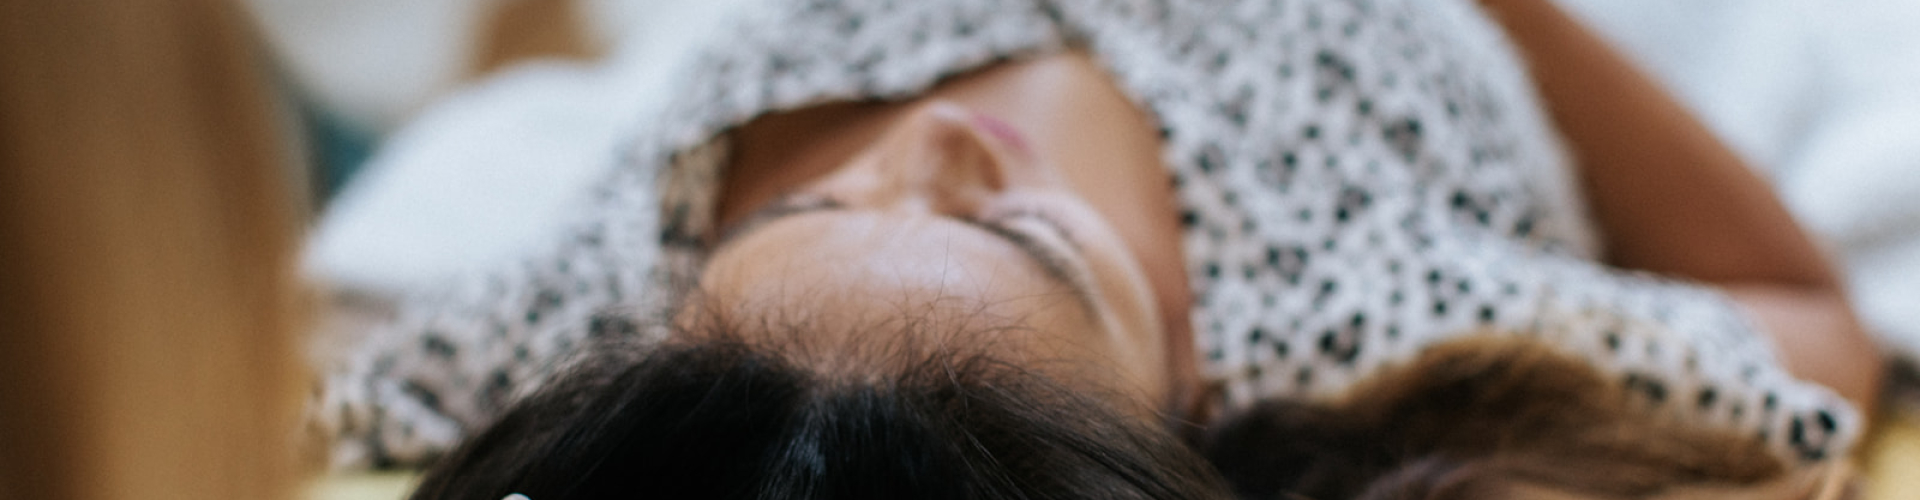 access consciousness bodyprocess amsterdam eindhoven leiden den haag rotterdam utrecht energetische facelift mtvss lichaamproces